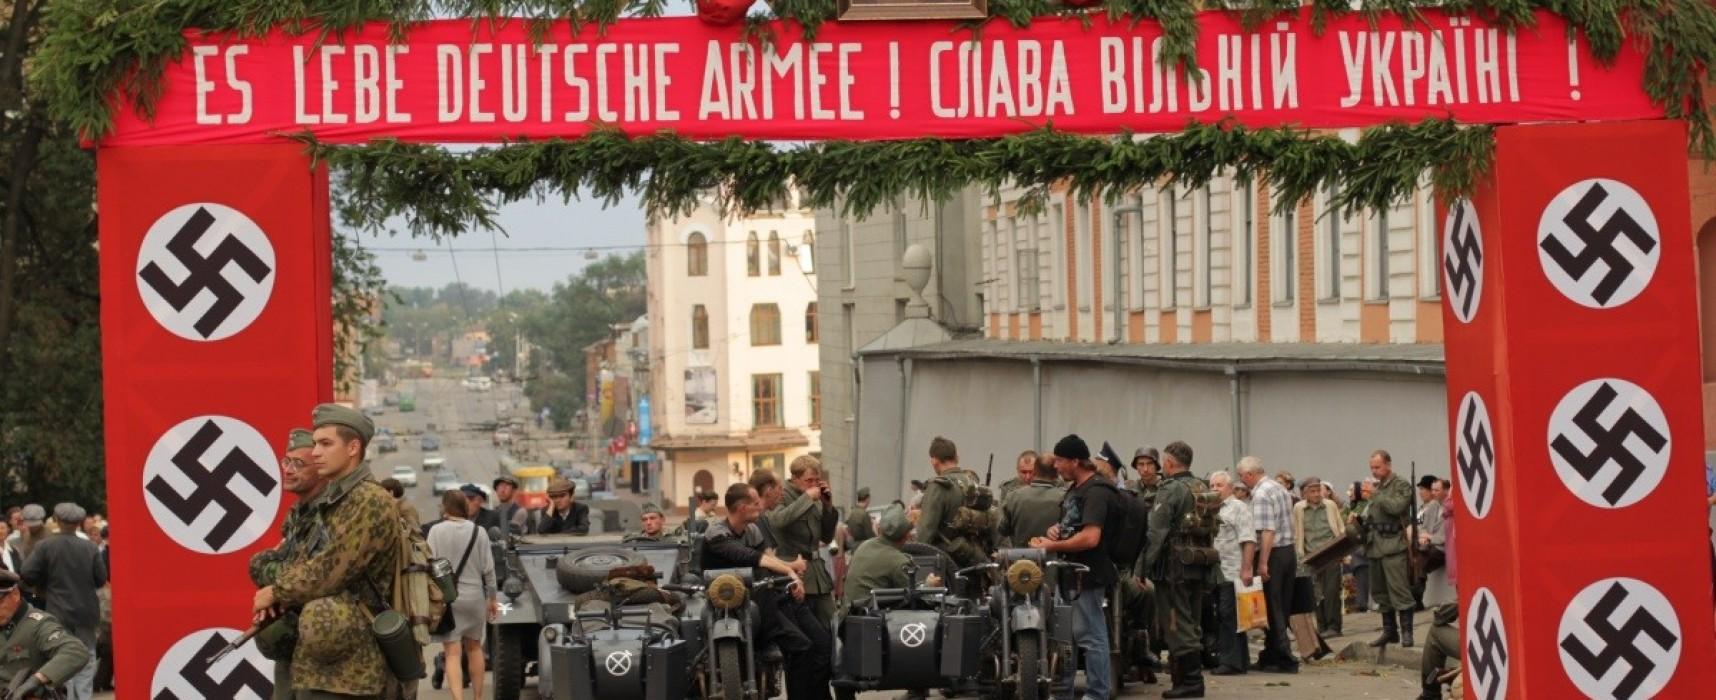 Fake : Leopoli celebra le festività cittadine con la svastica